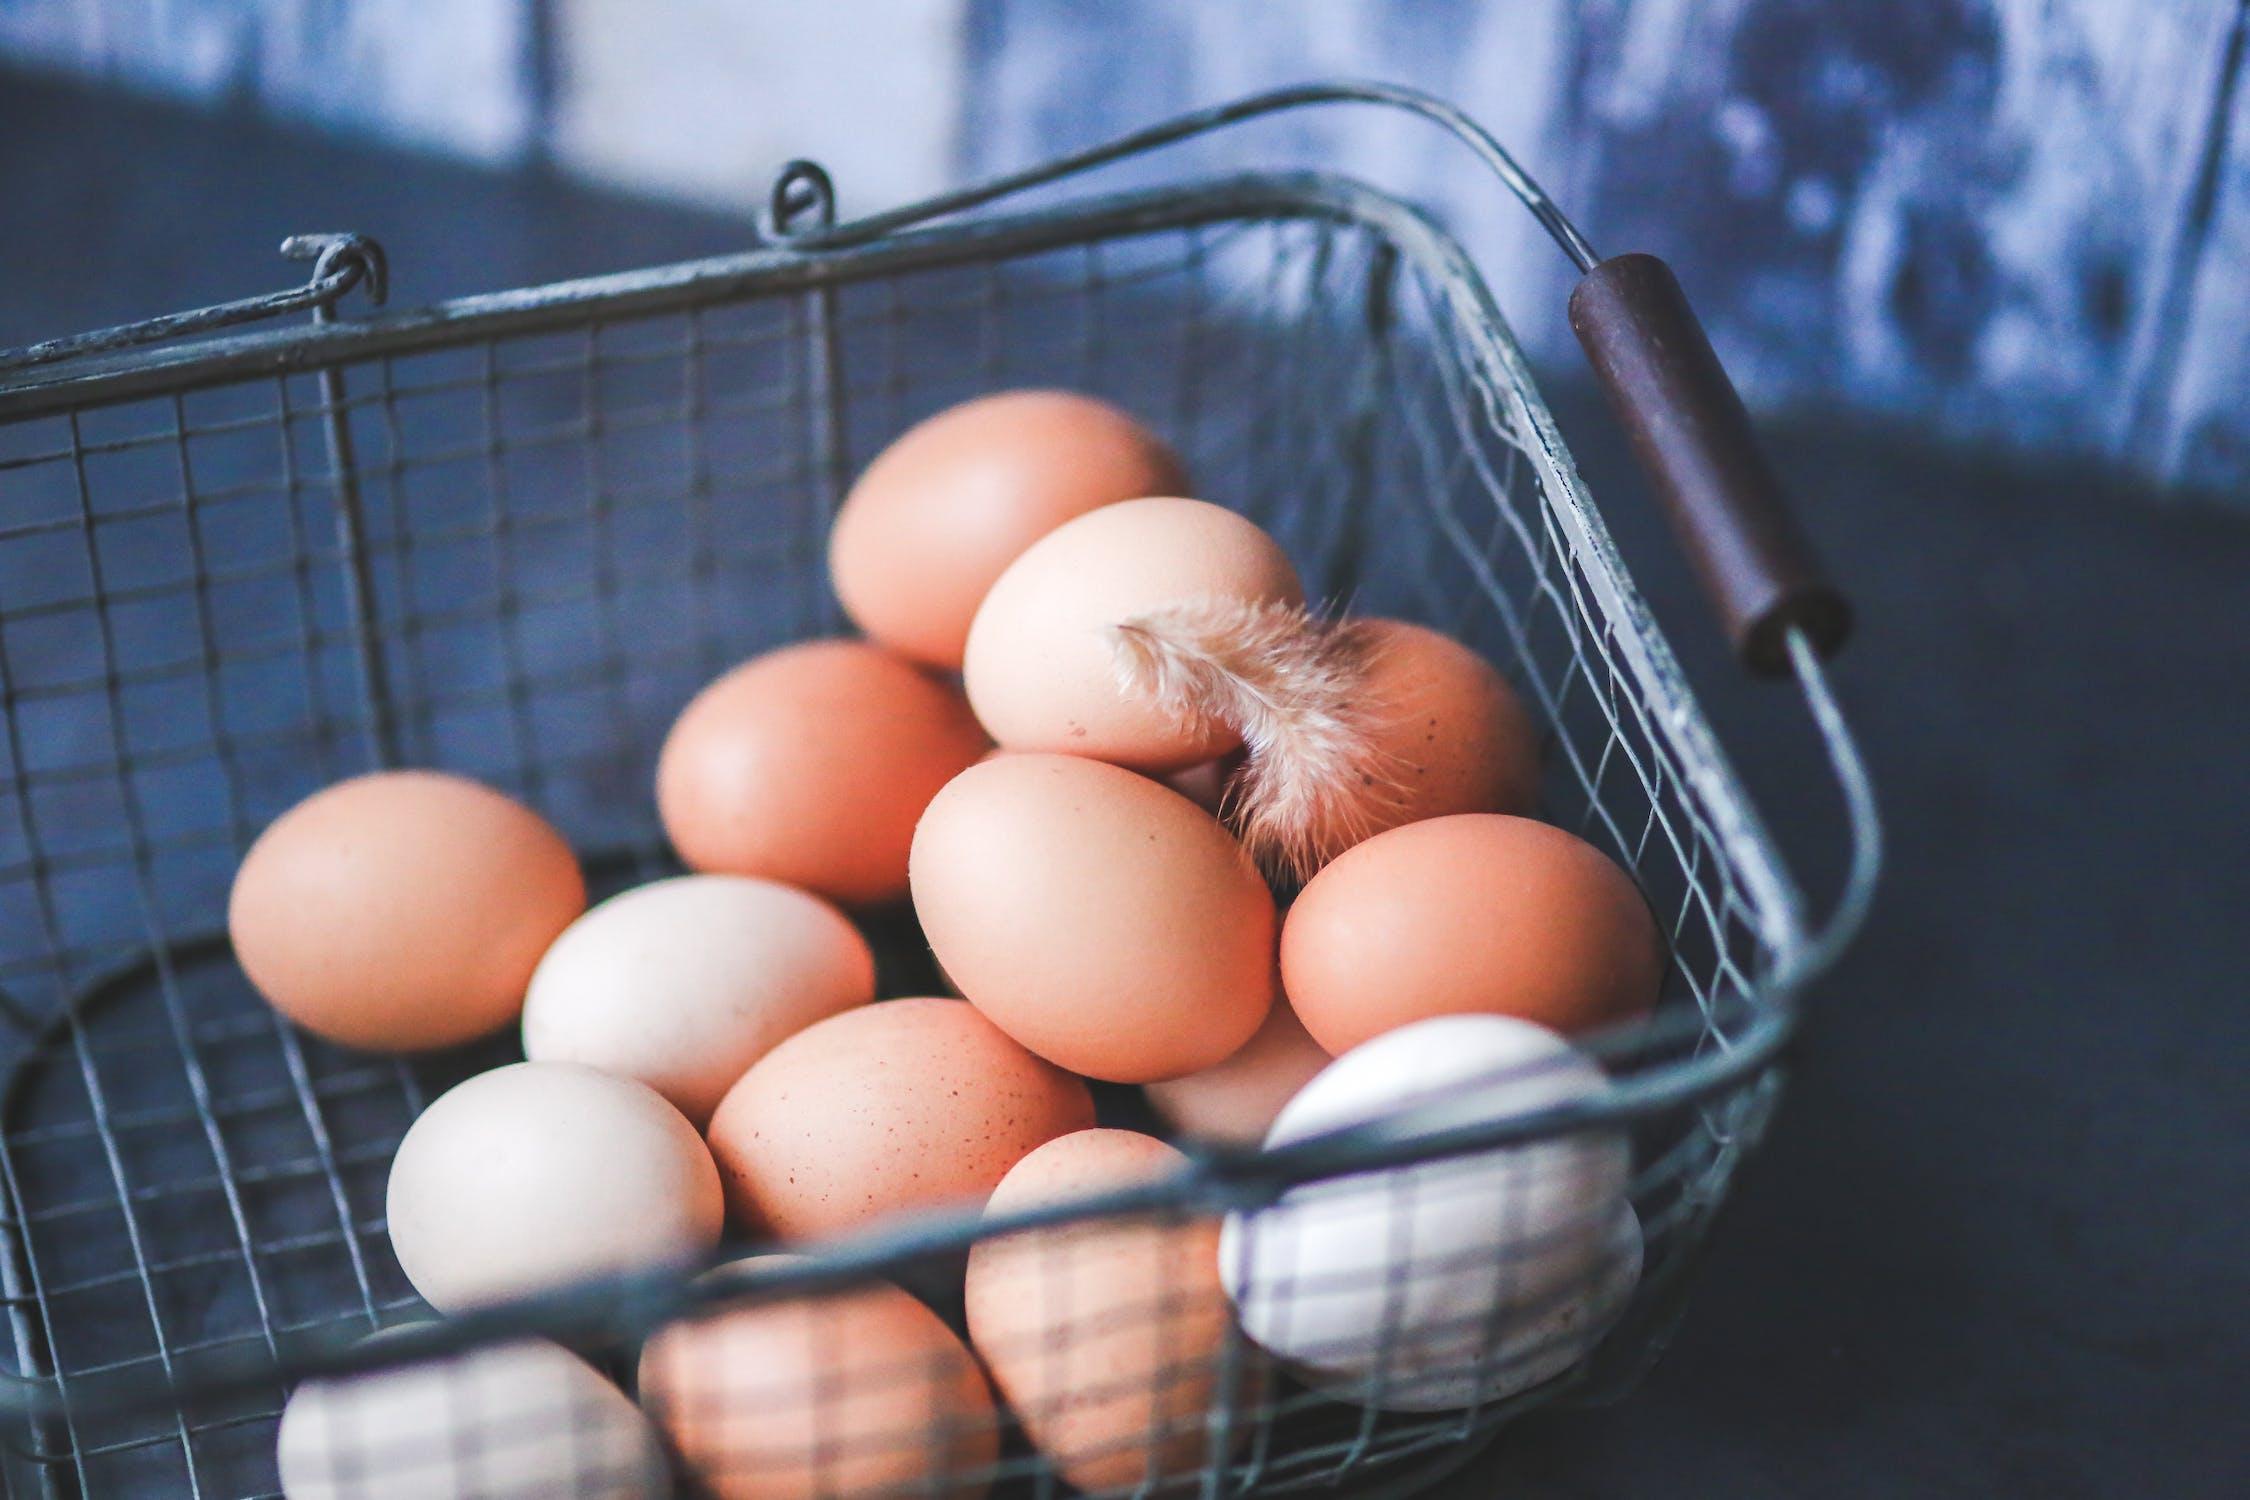 dream of eggs